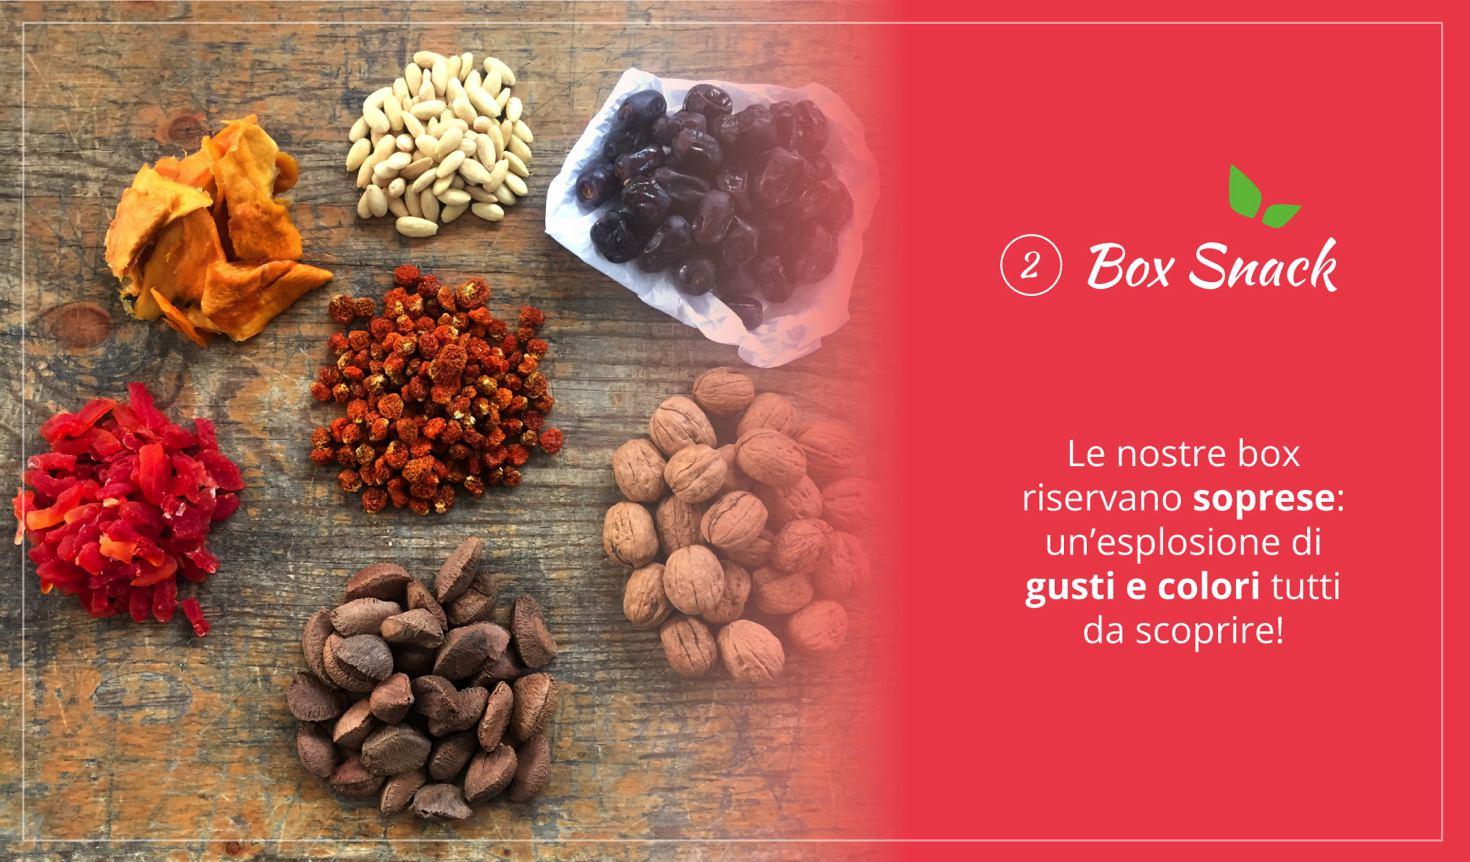 il box snack energetico contenente sette varietà di alimenti